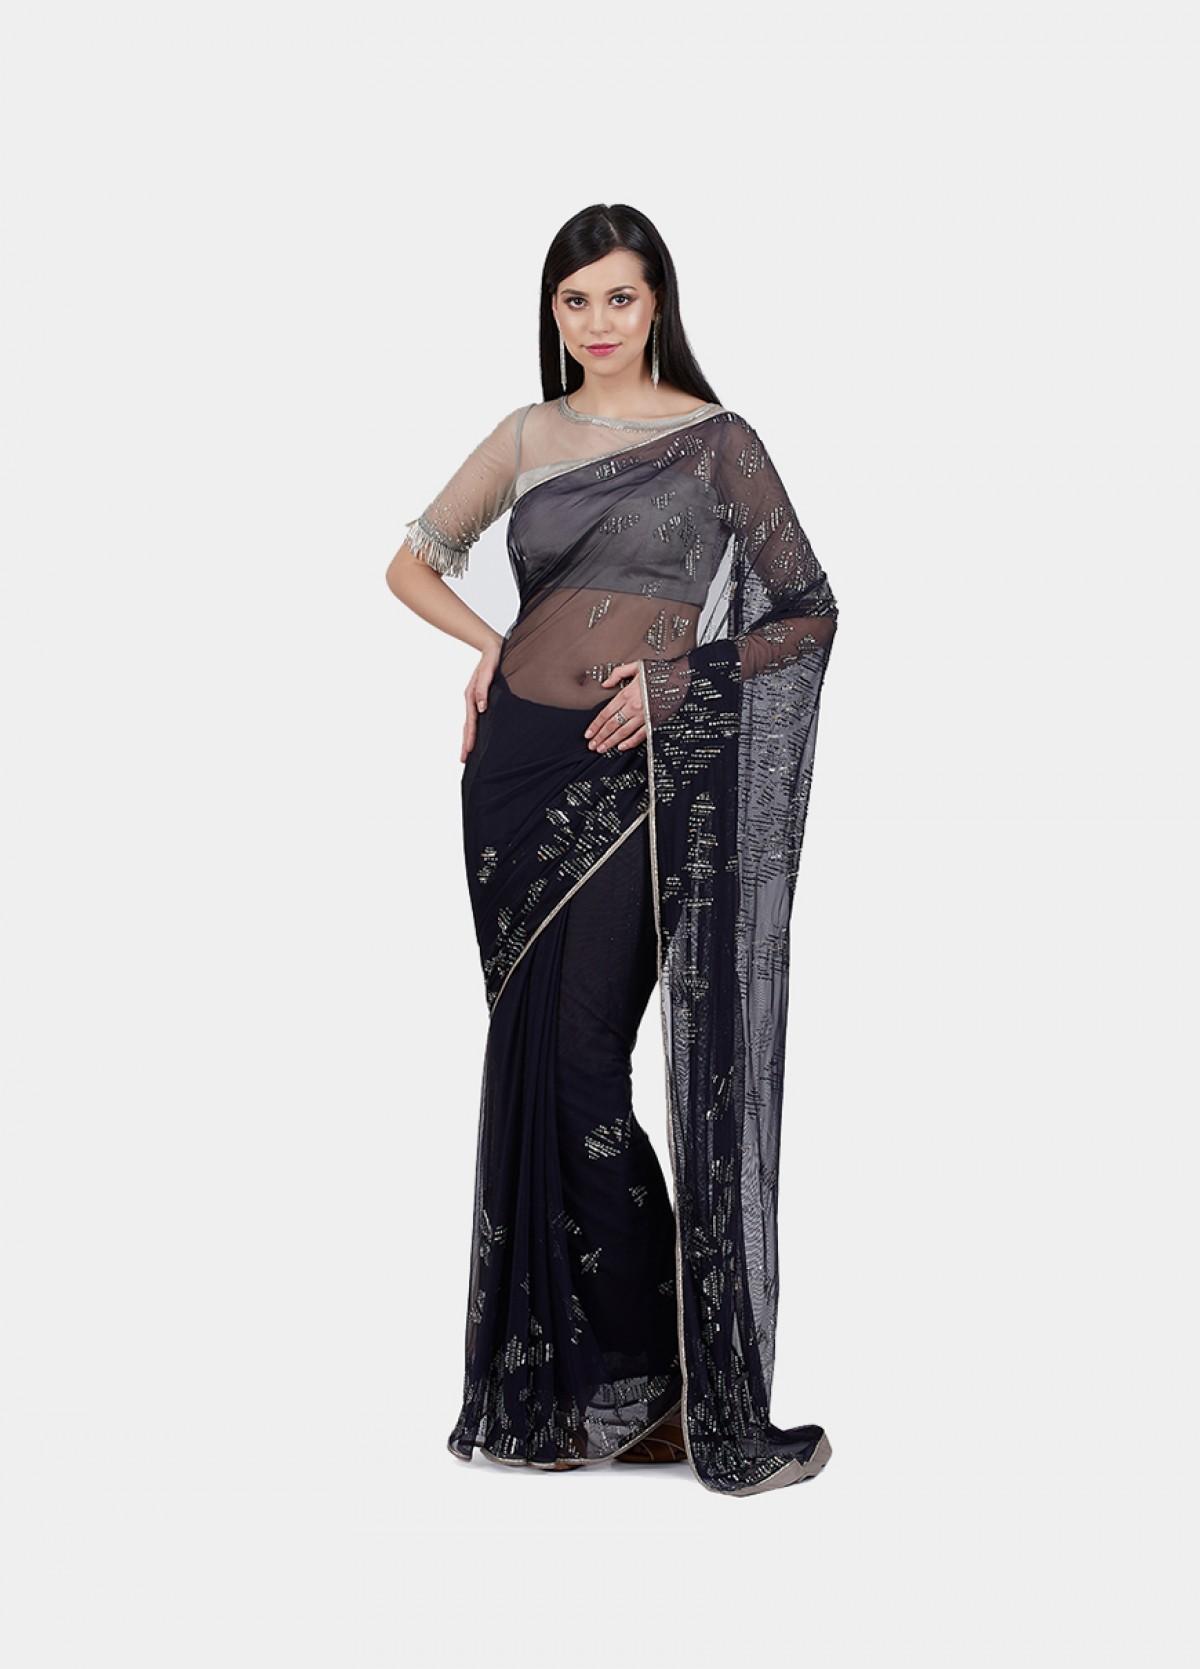 The Spice Box Sari